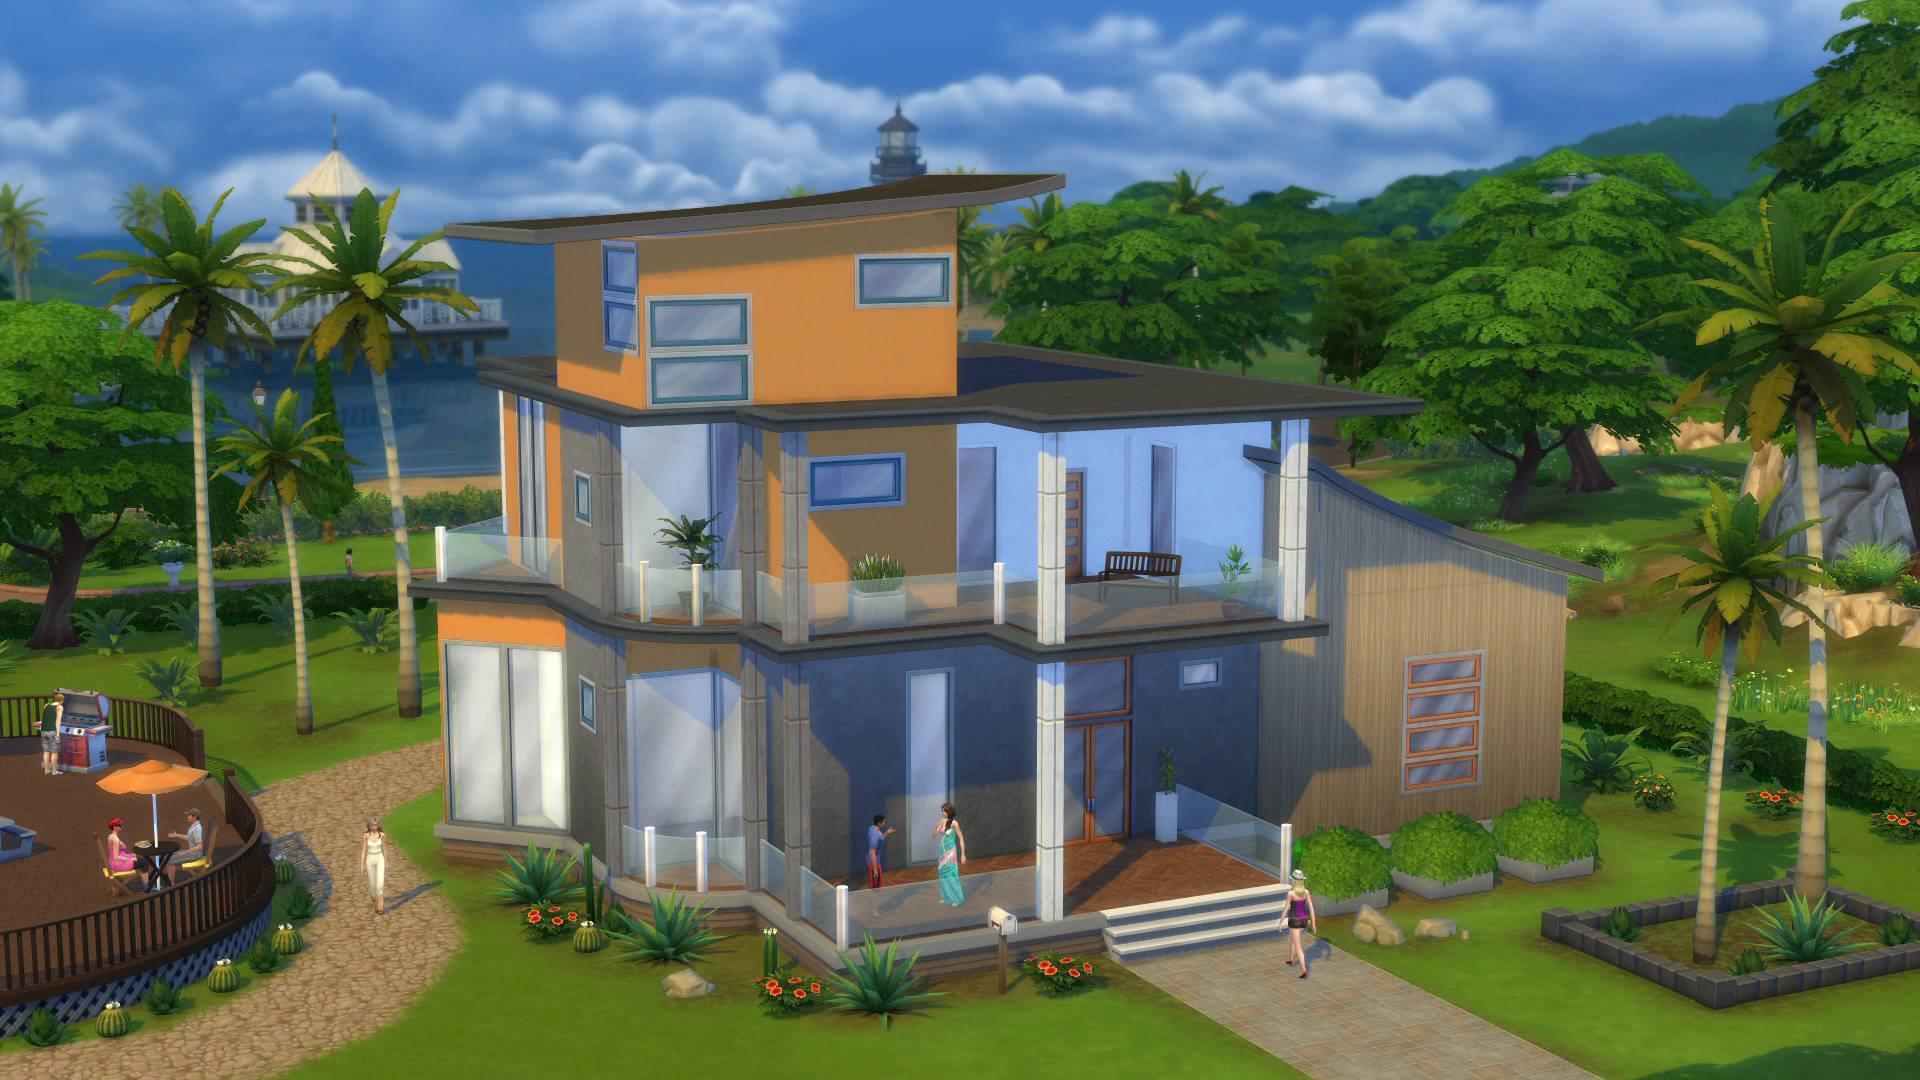 Construcci n sobre agua y difuminado en los sims 4 nueva for Casas modernas sims 4 paso a paso